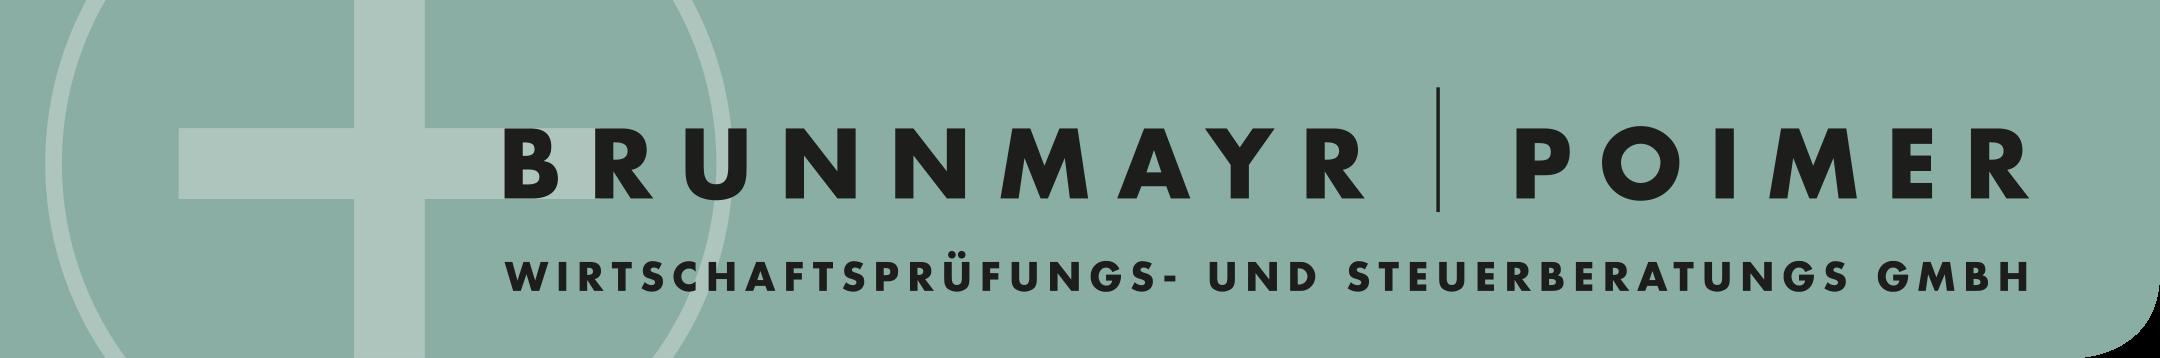 Steuerlicher überblick Zur Vermietung Brunnmayr Poimer